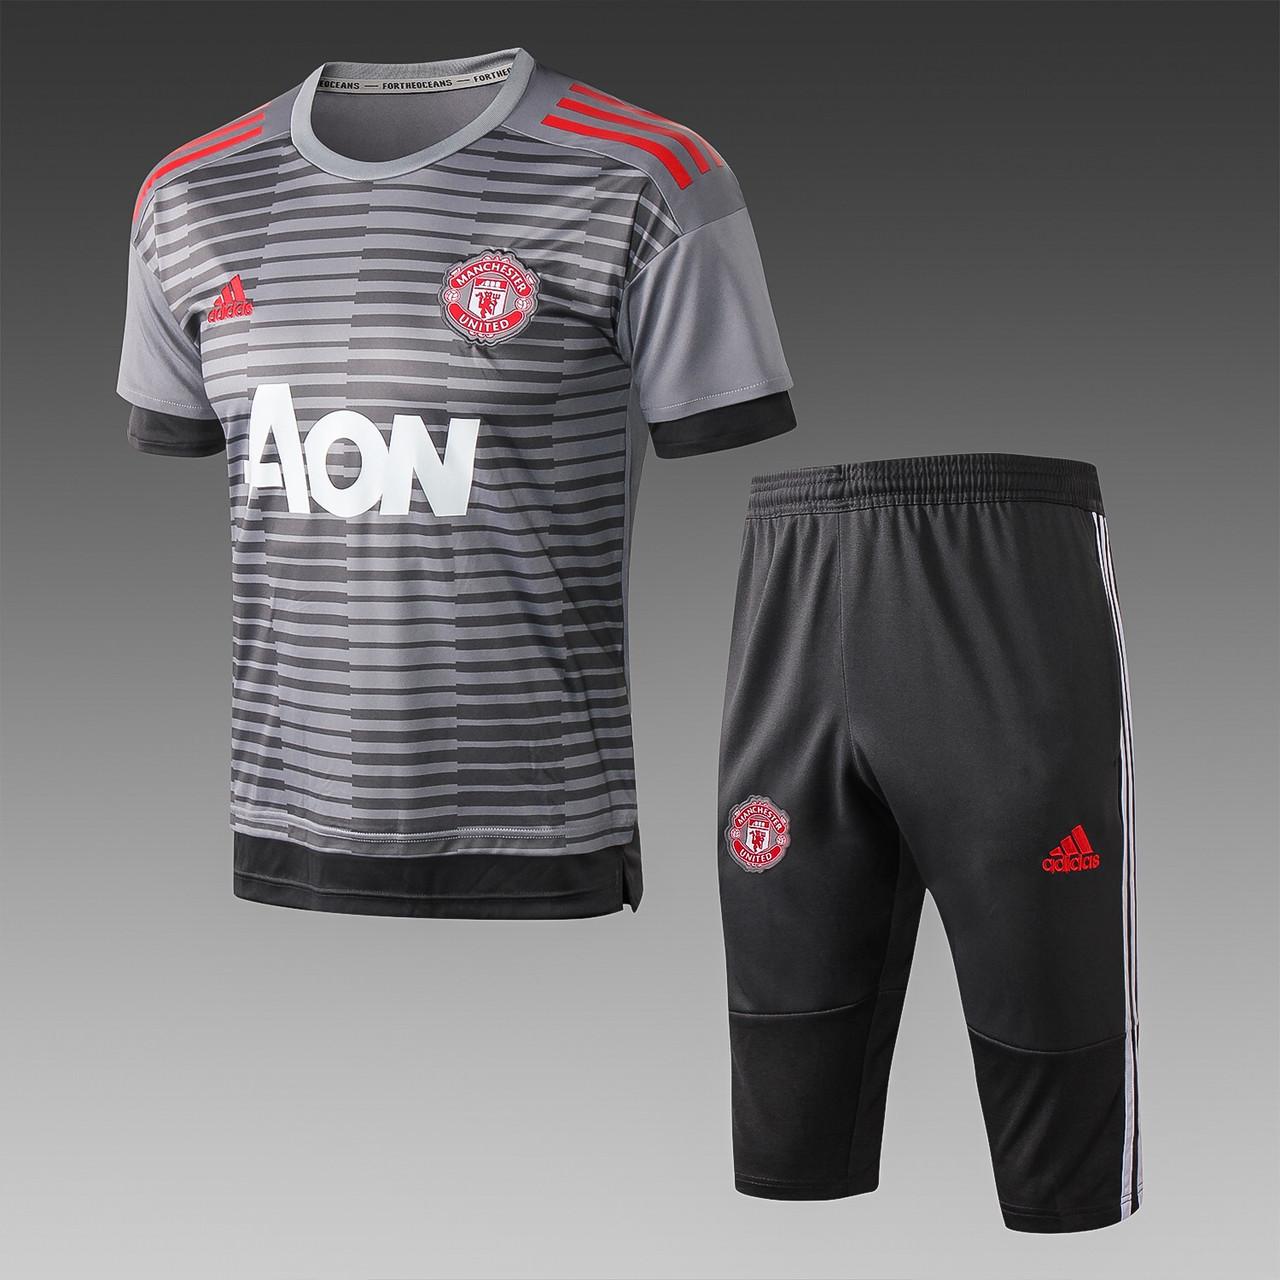 Річний тренувальний костюм Манчестер юнайтед 2019 (бриджі + футболка)